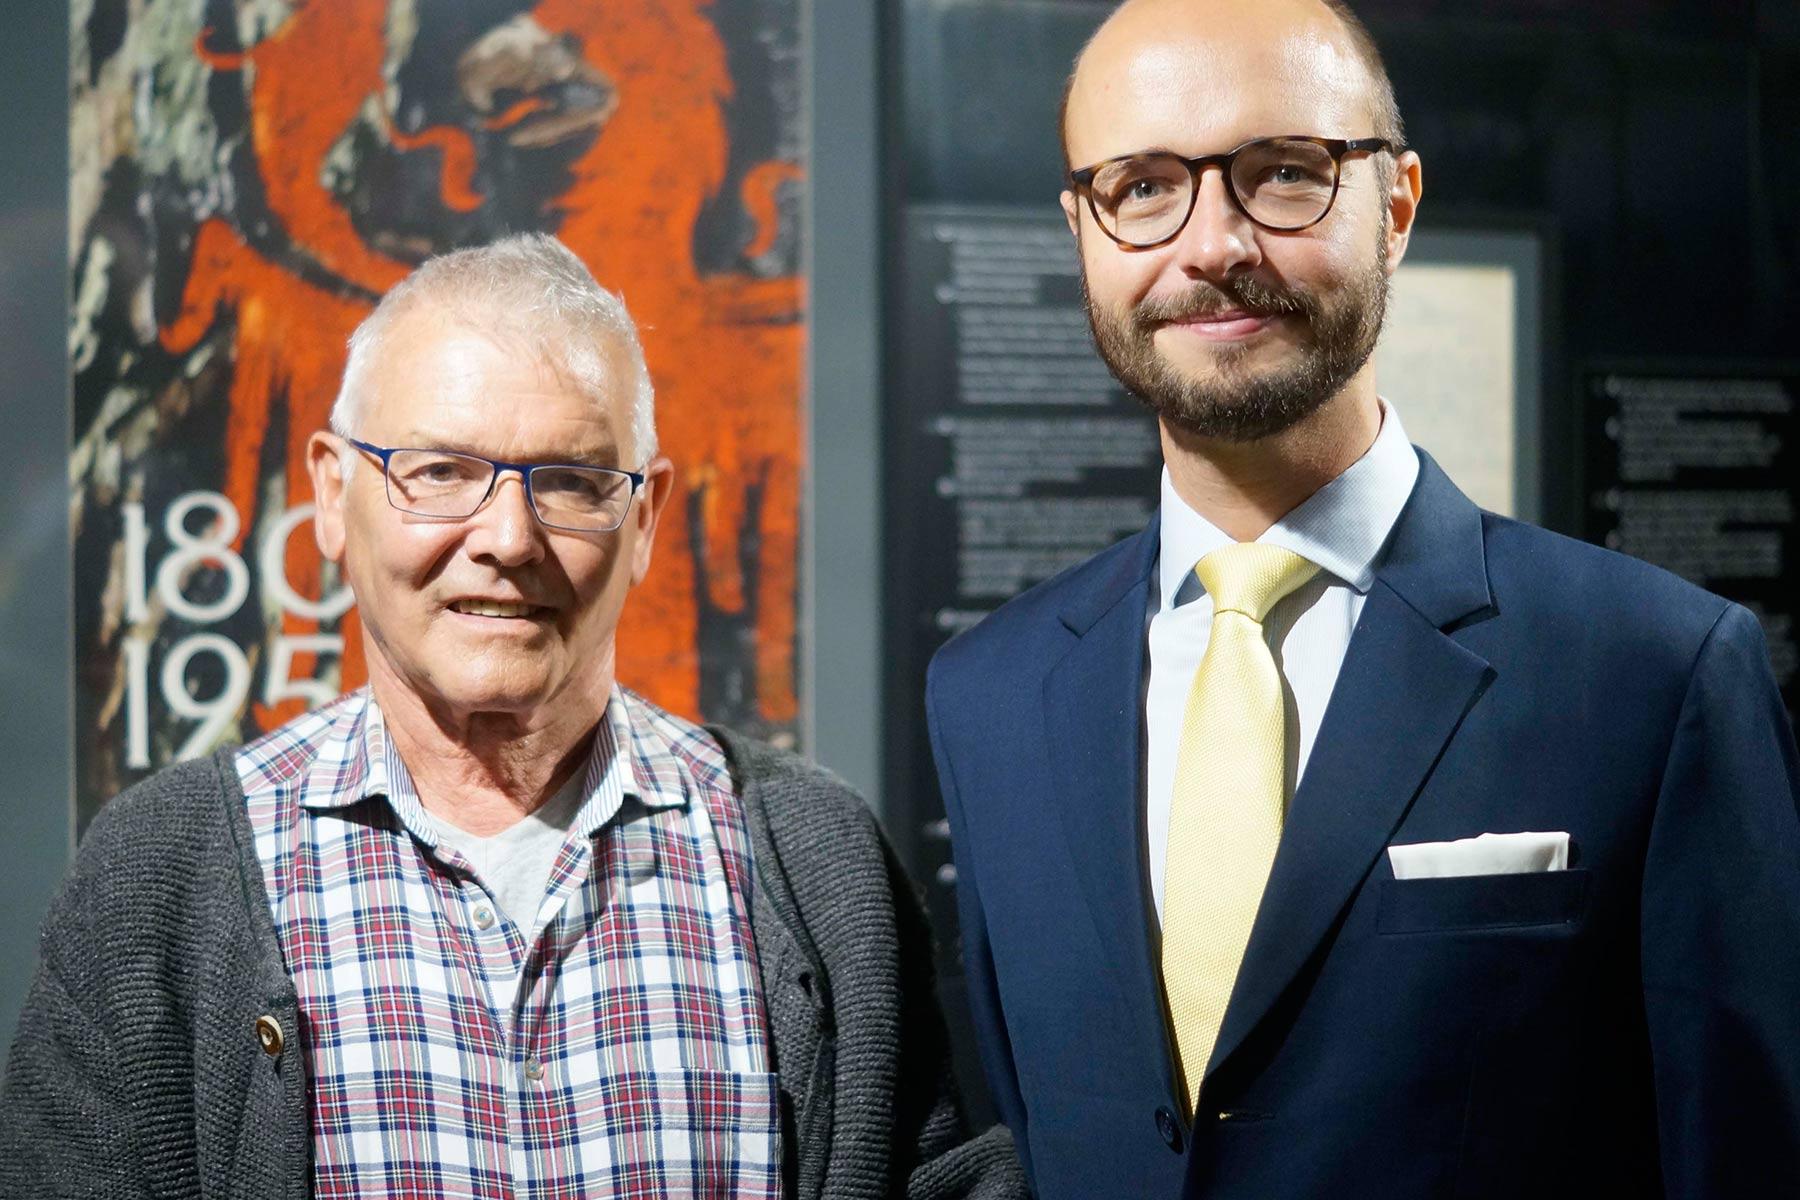 Südtiroler FreiheitskampfLinzer Vizebürgermeister besuchte BAS-Gedächtnisausstellung